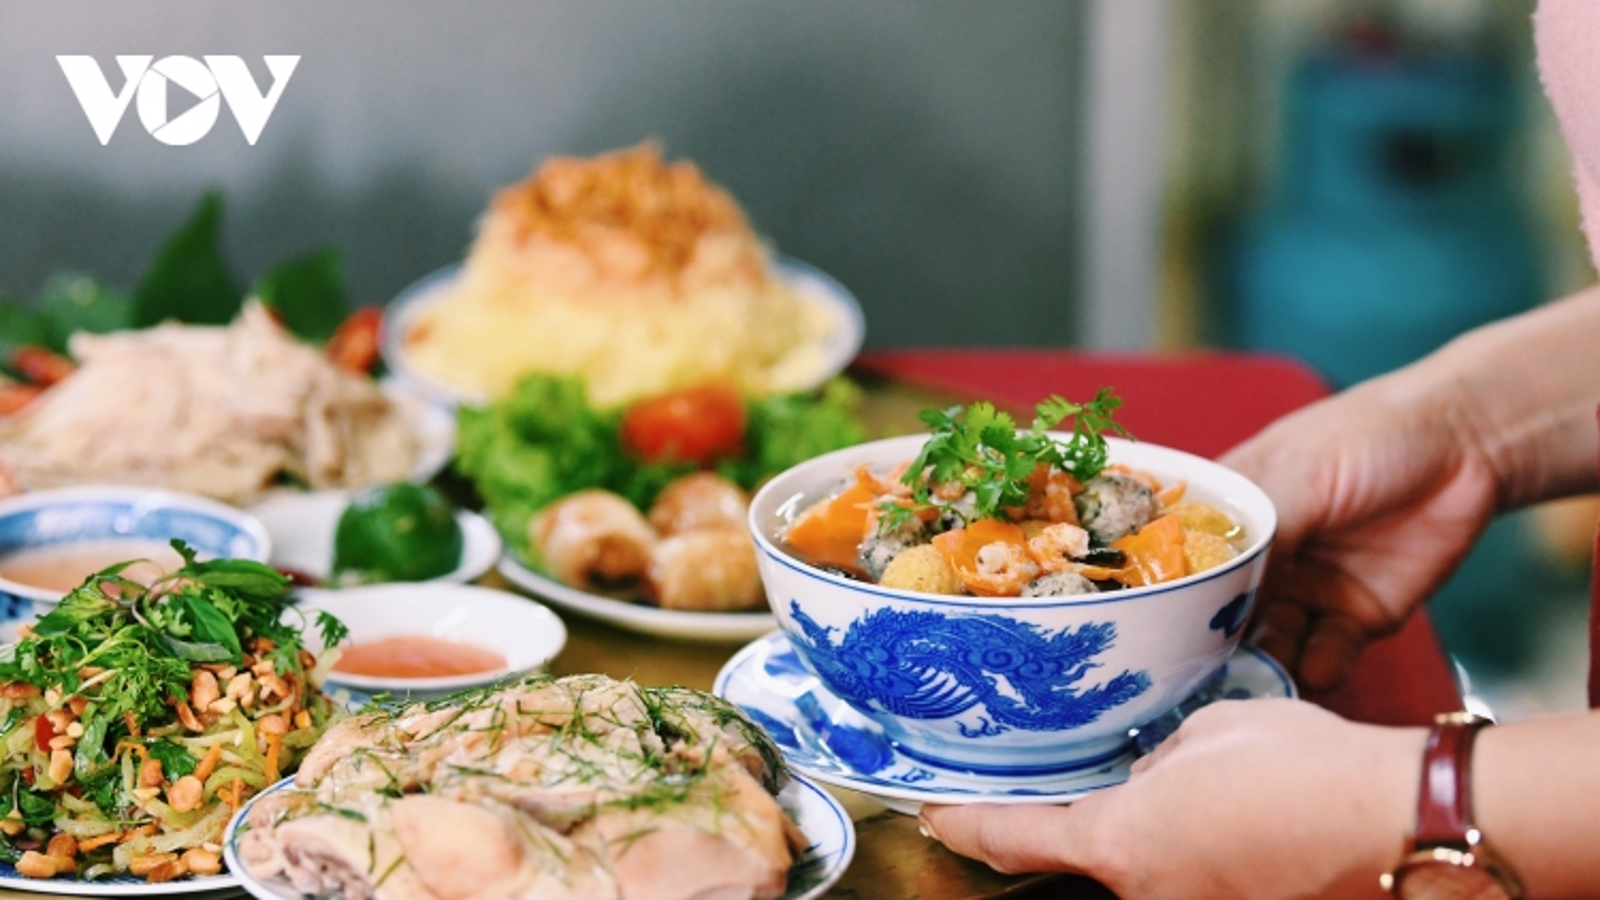 Cận cảnh mâm cỗ cúng rằm tháng Giêng truyền thống của người Hà Nội